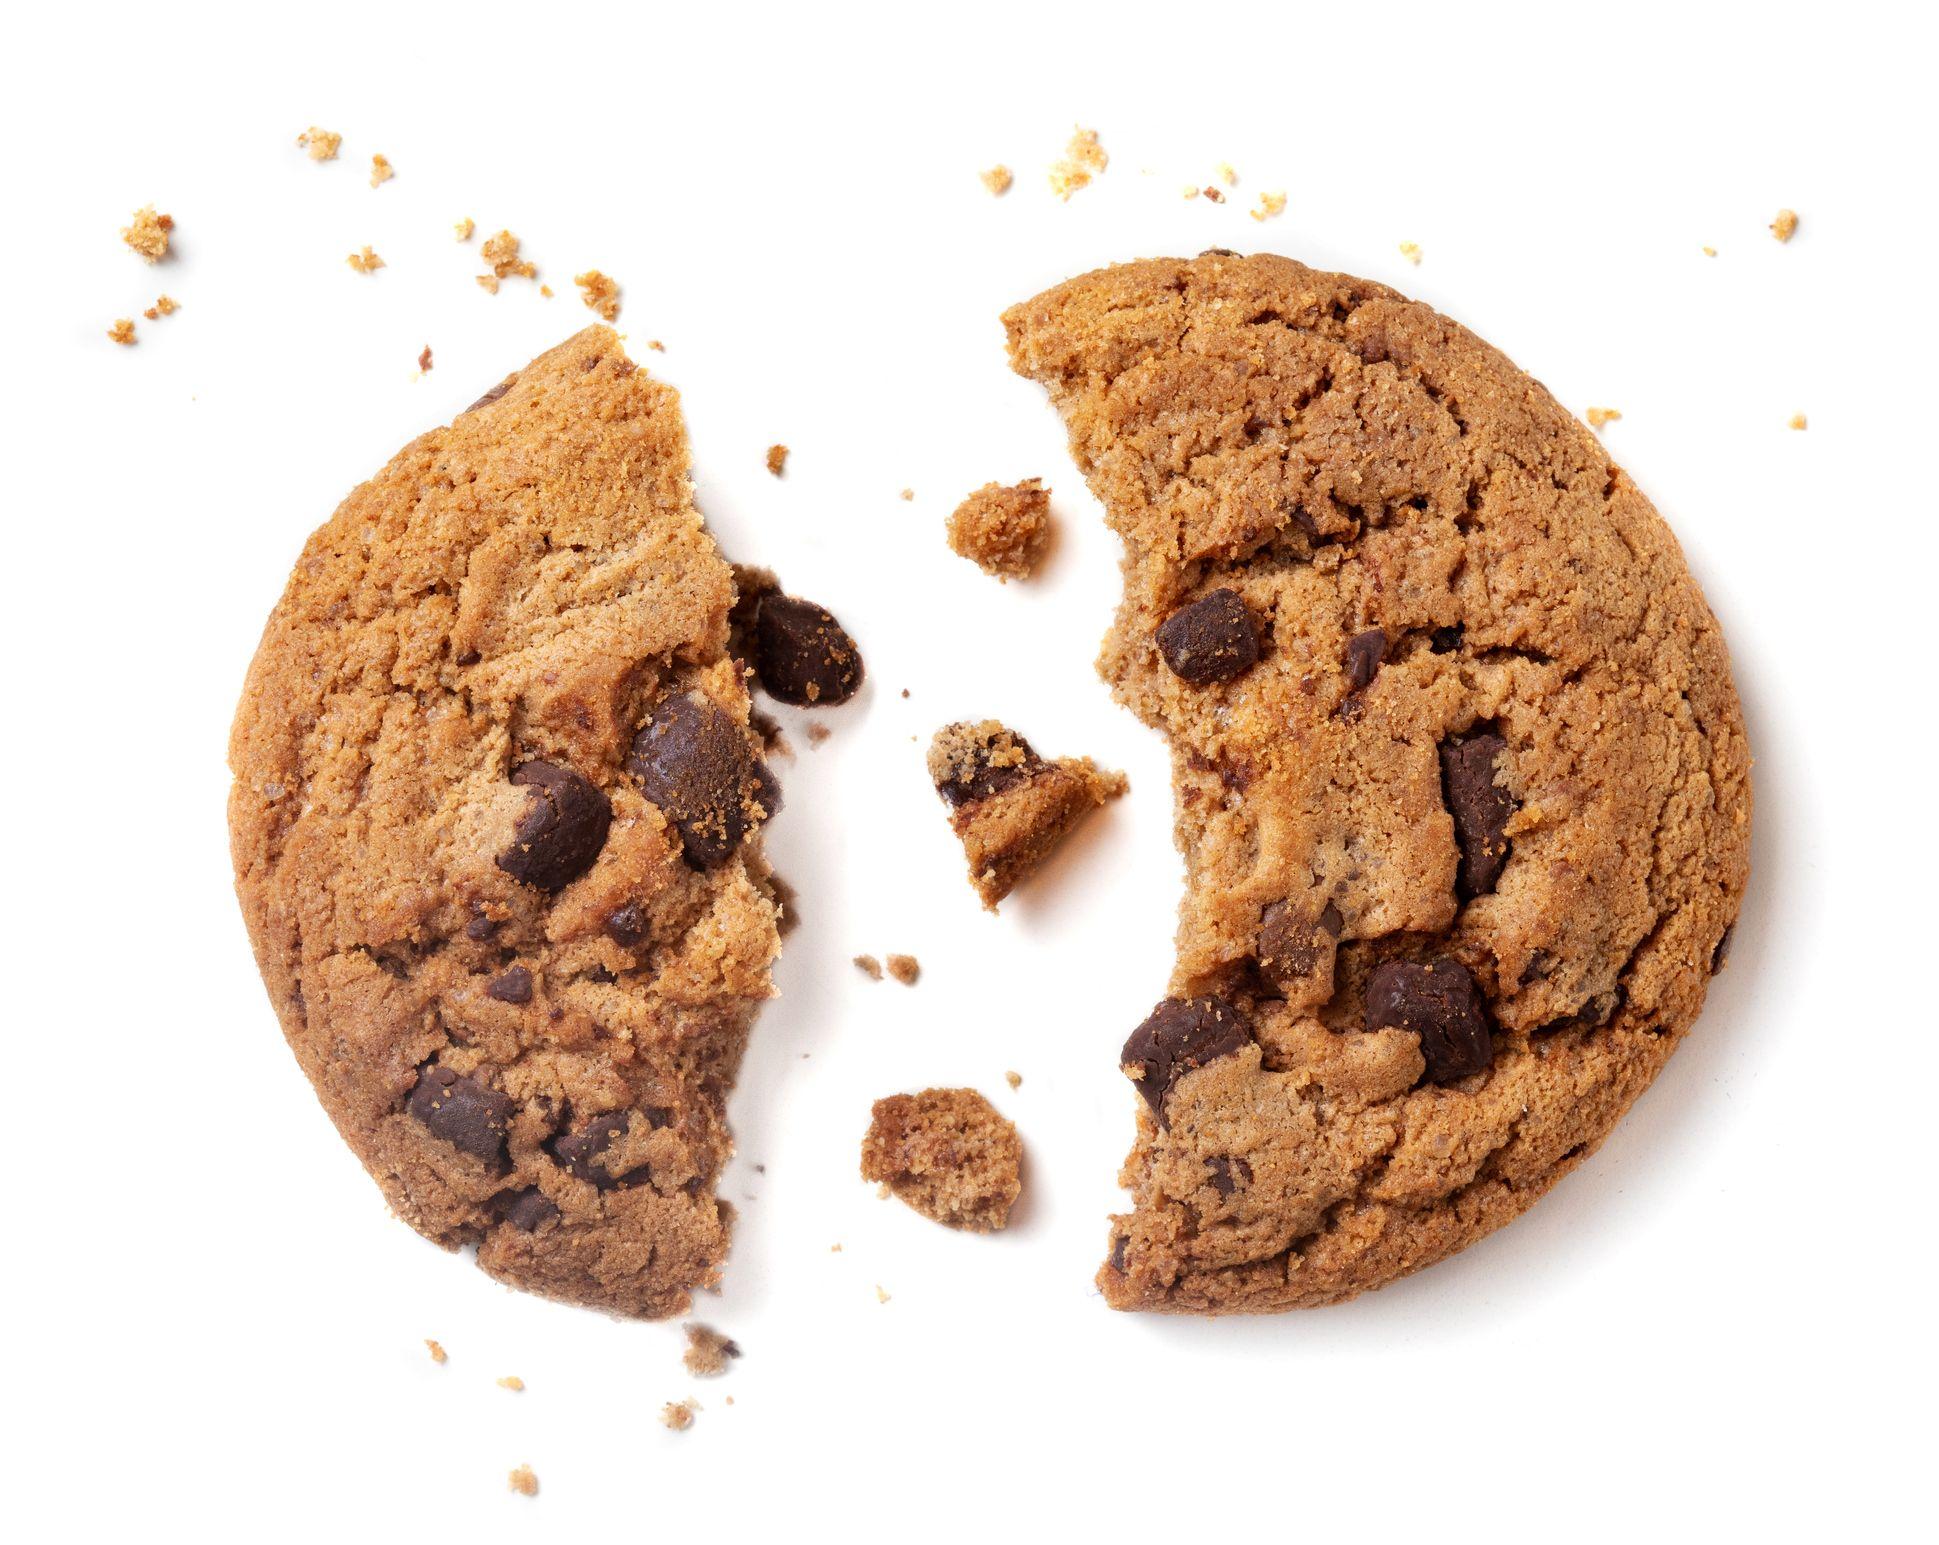 Ven a disfrutar de las galletas más crujientes